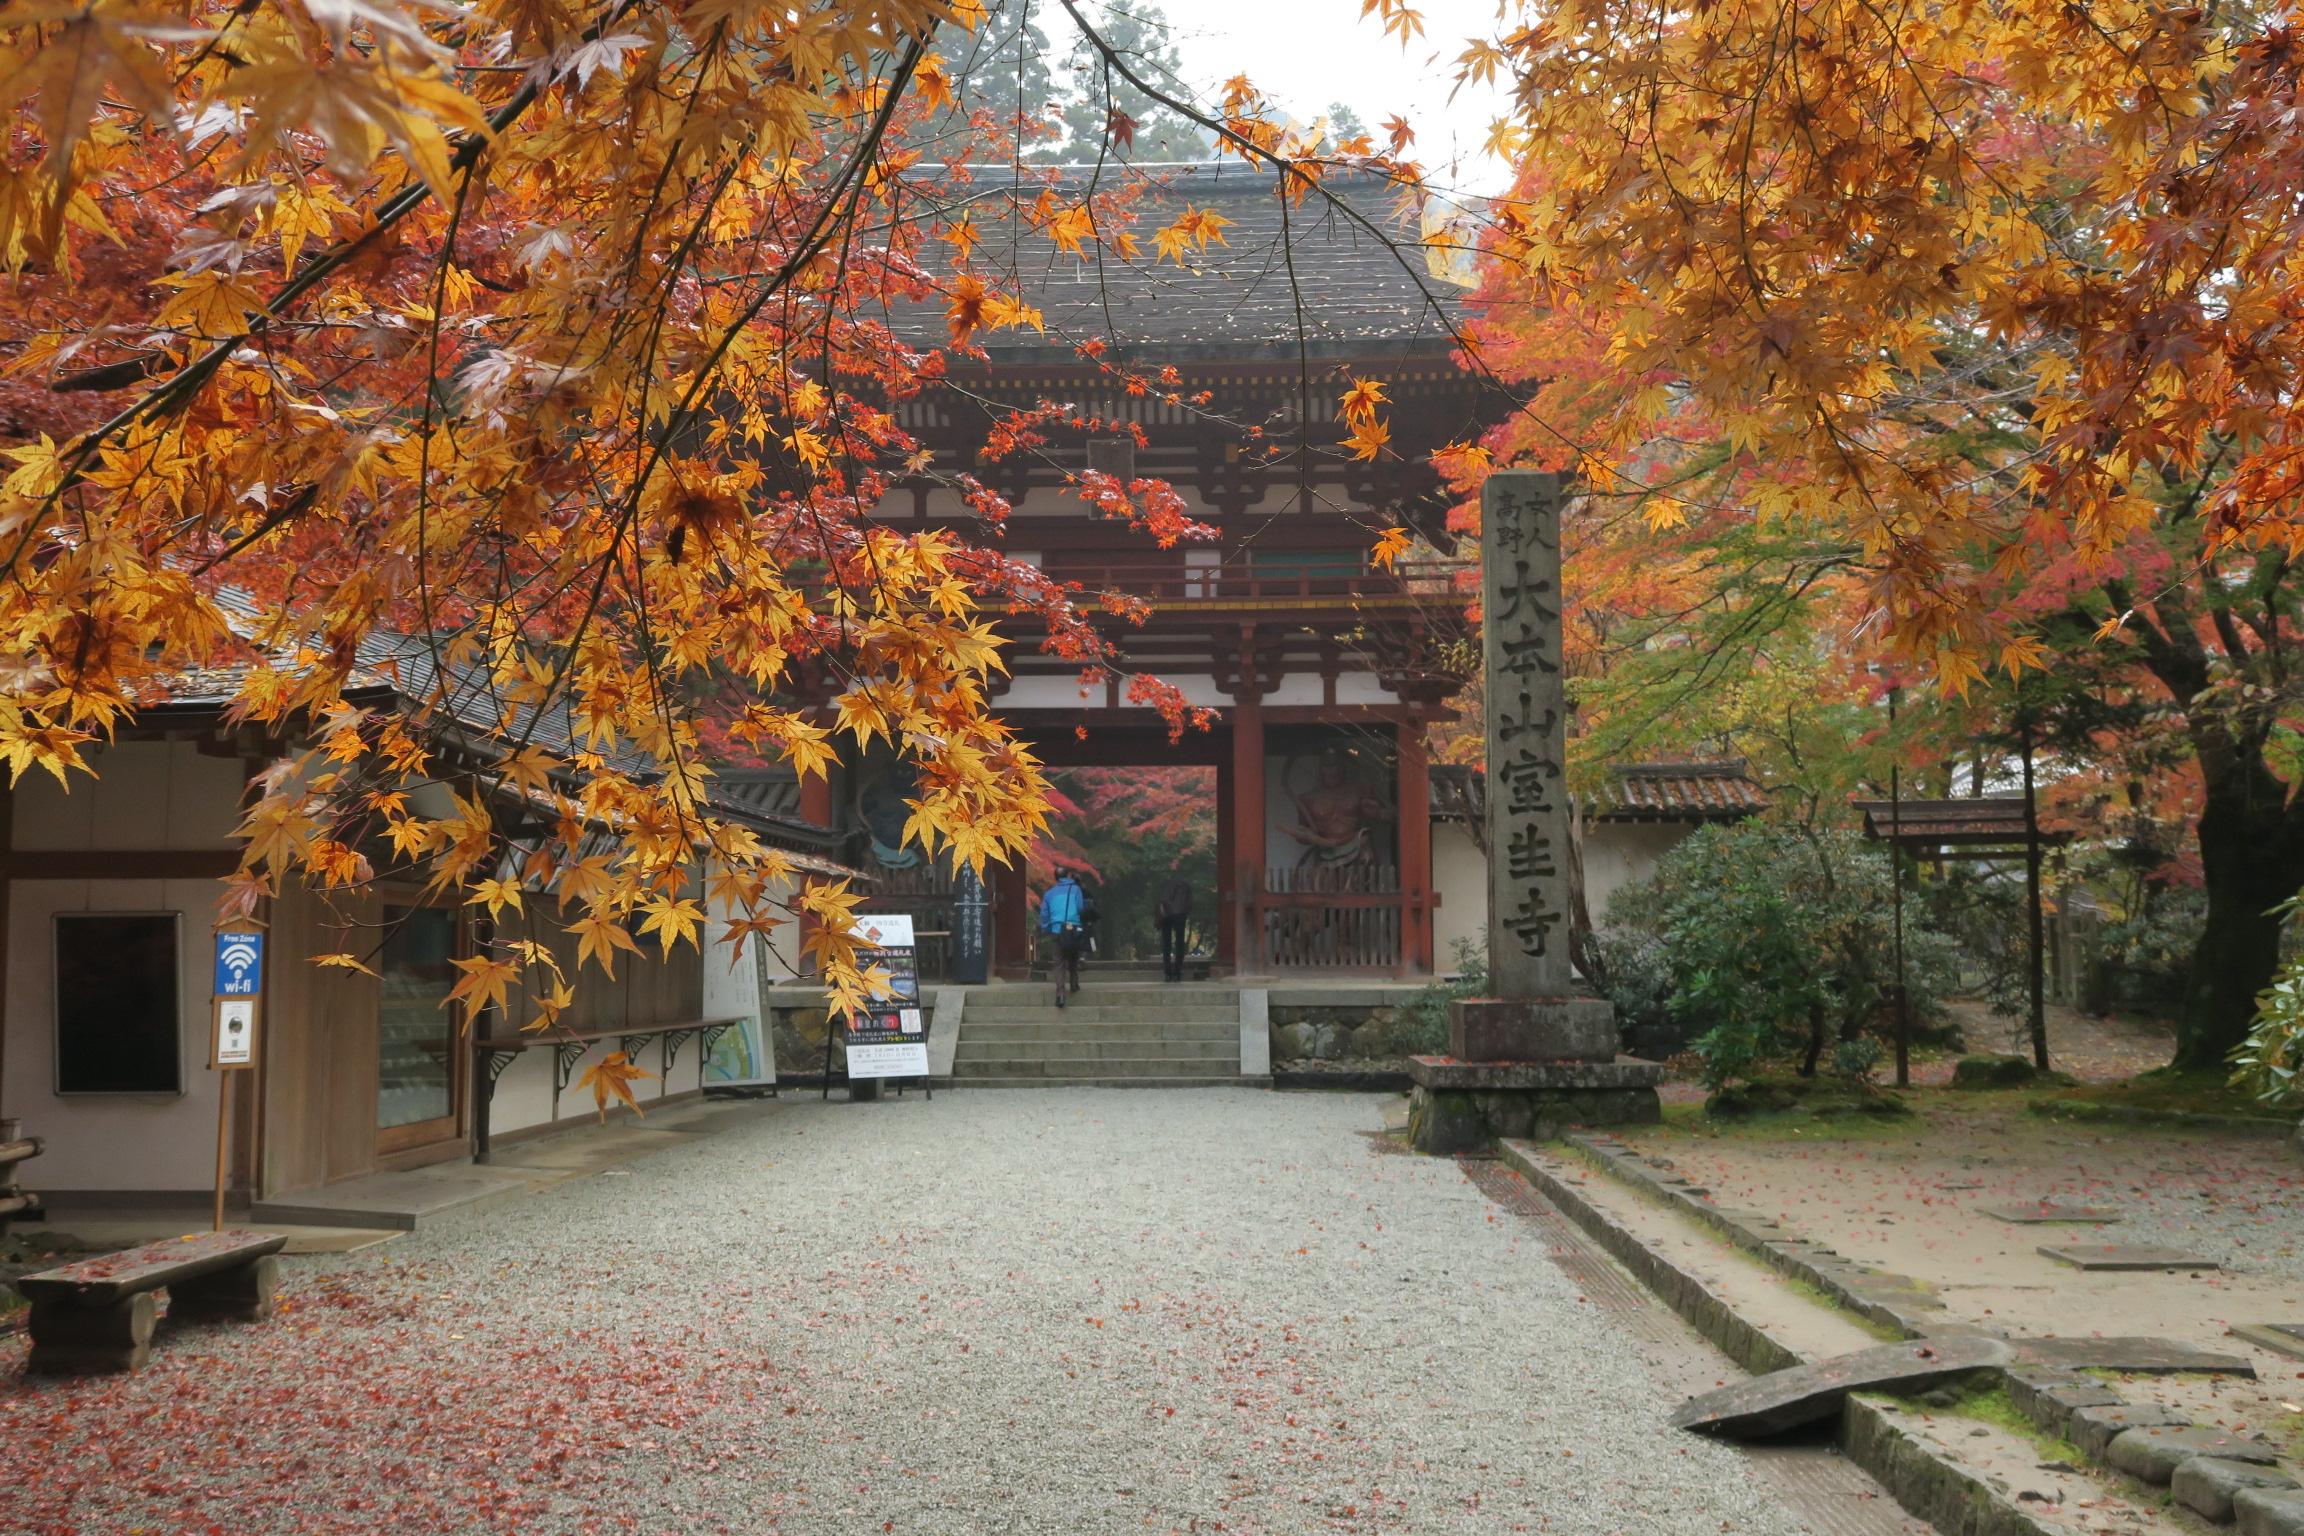 仁王門が見えてきました。焼失後、長い間再建されませんでしたが、昭和40年に再建されました。